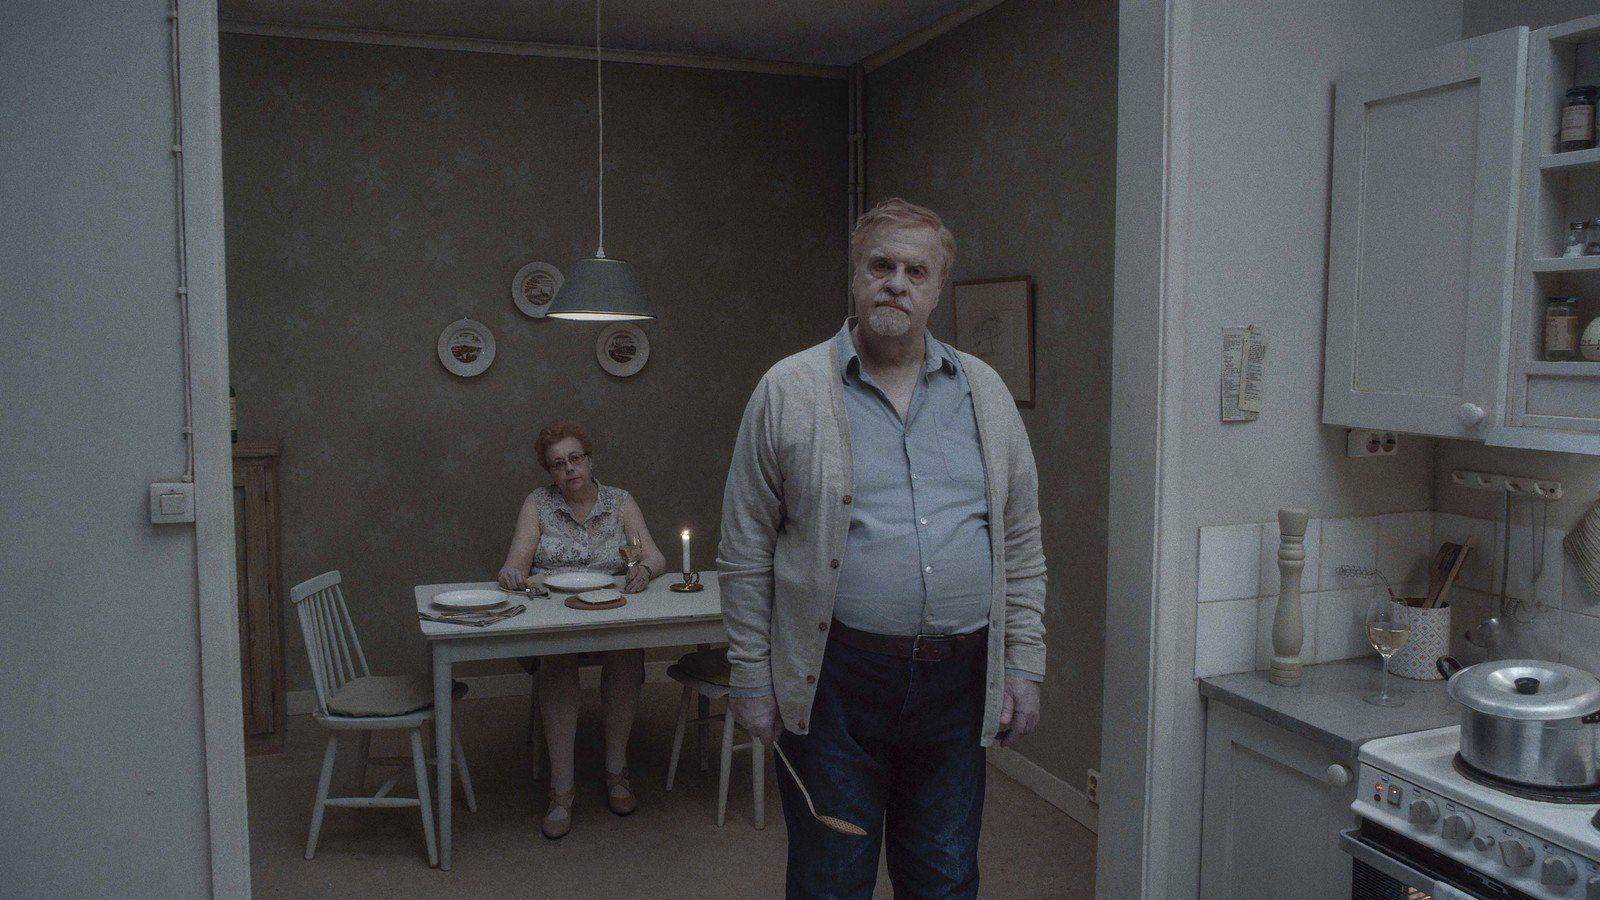 Показ фильма «О бесконечности» в летнем кинотеатре Garage Screen